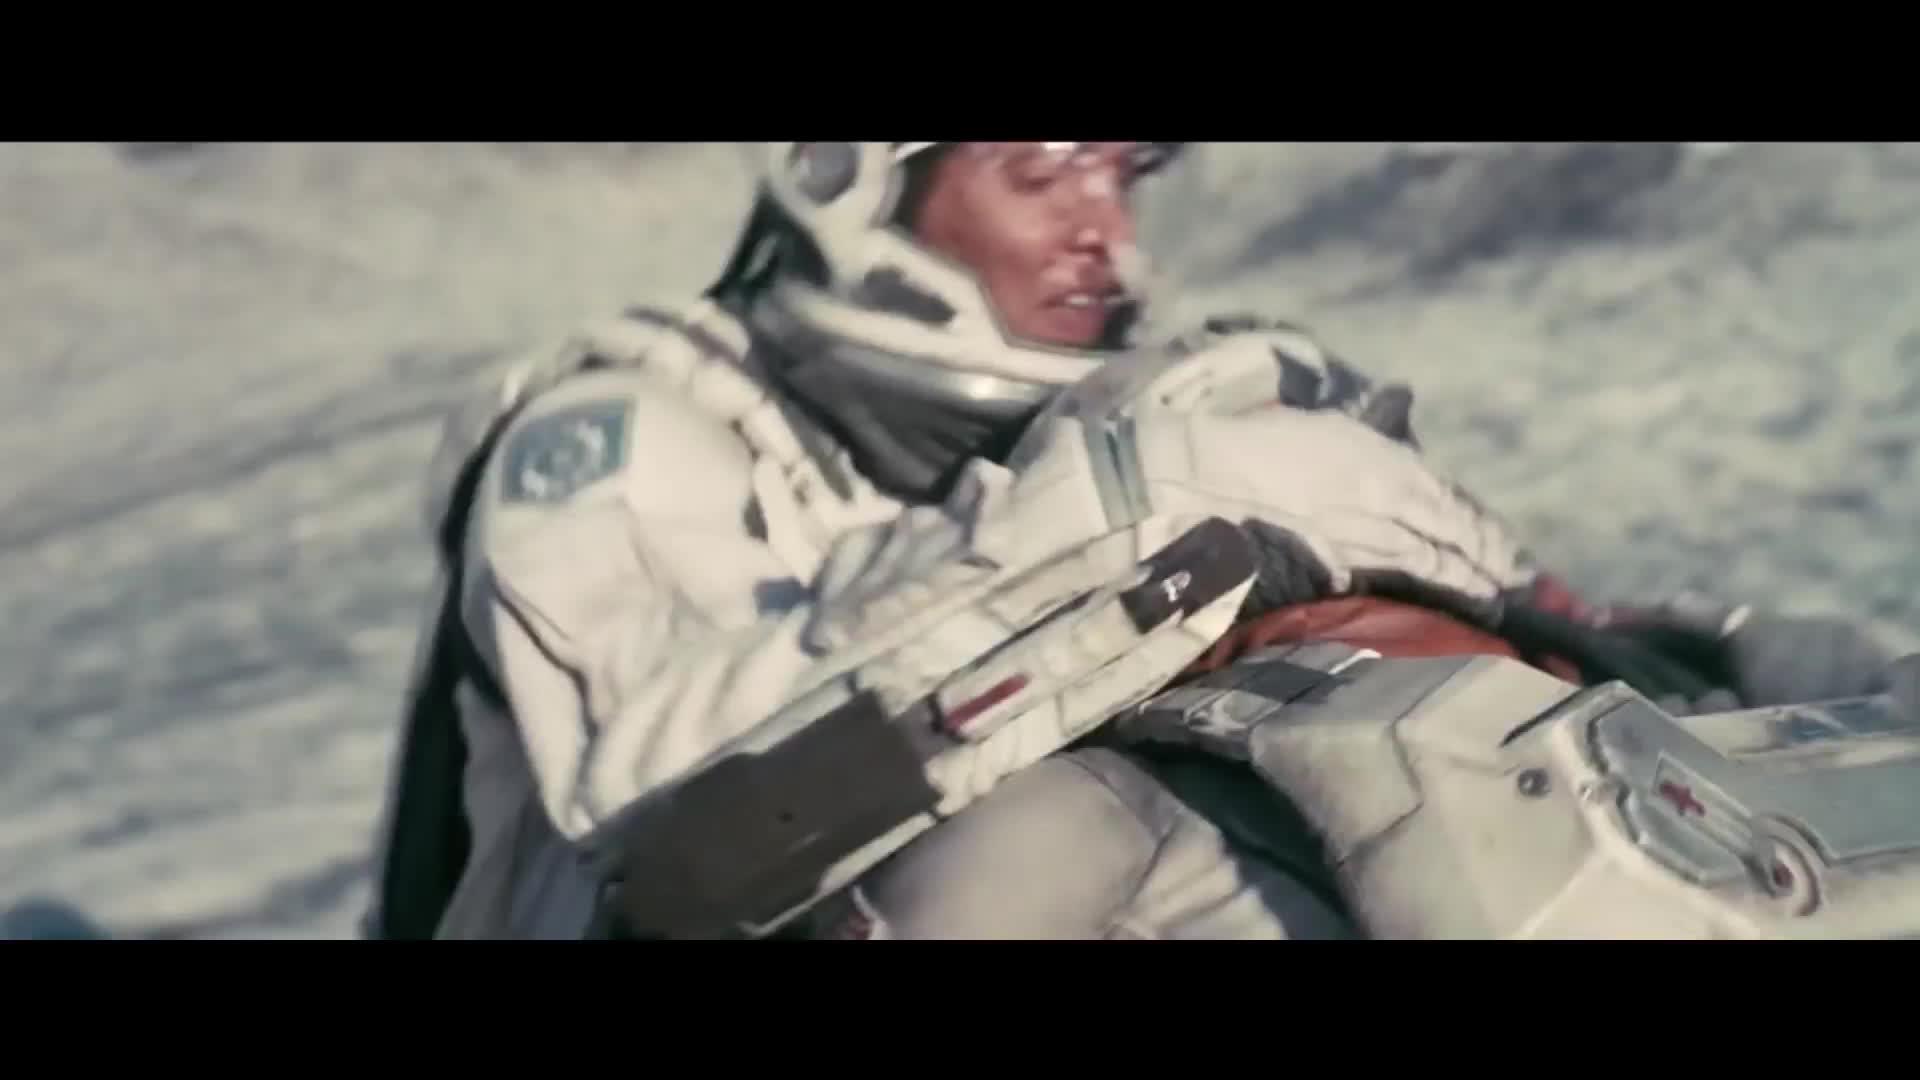 CineShots, cineshots, Interstellar [2014] GIFs